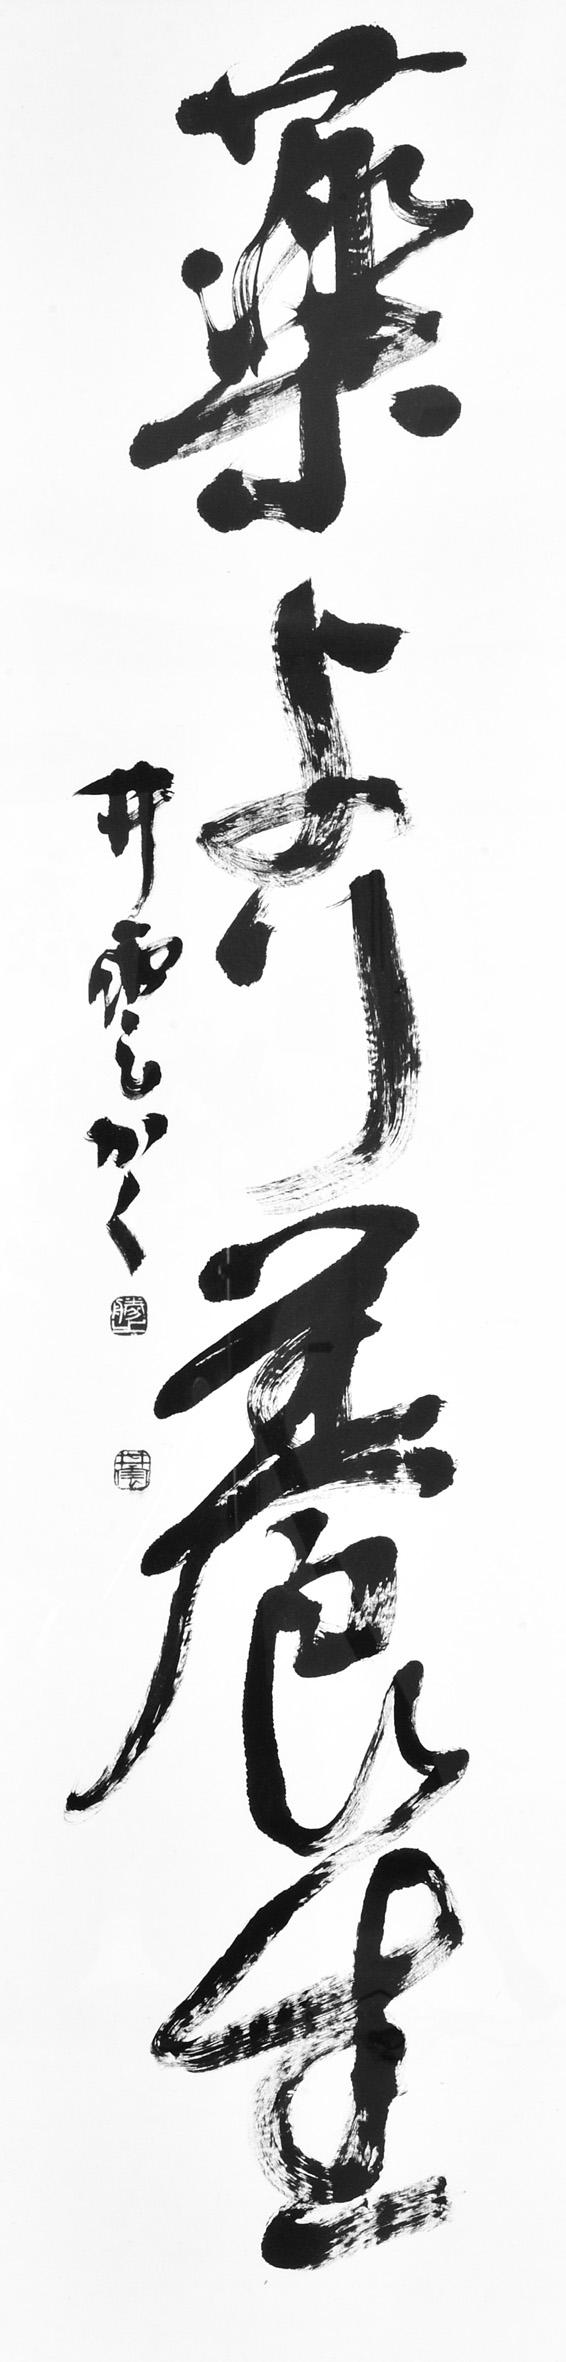 8.第三展覧会部長 永野井雲